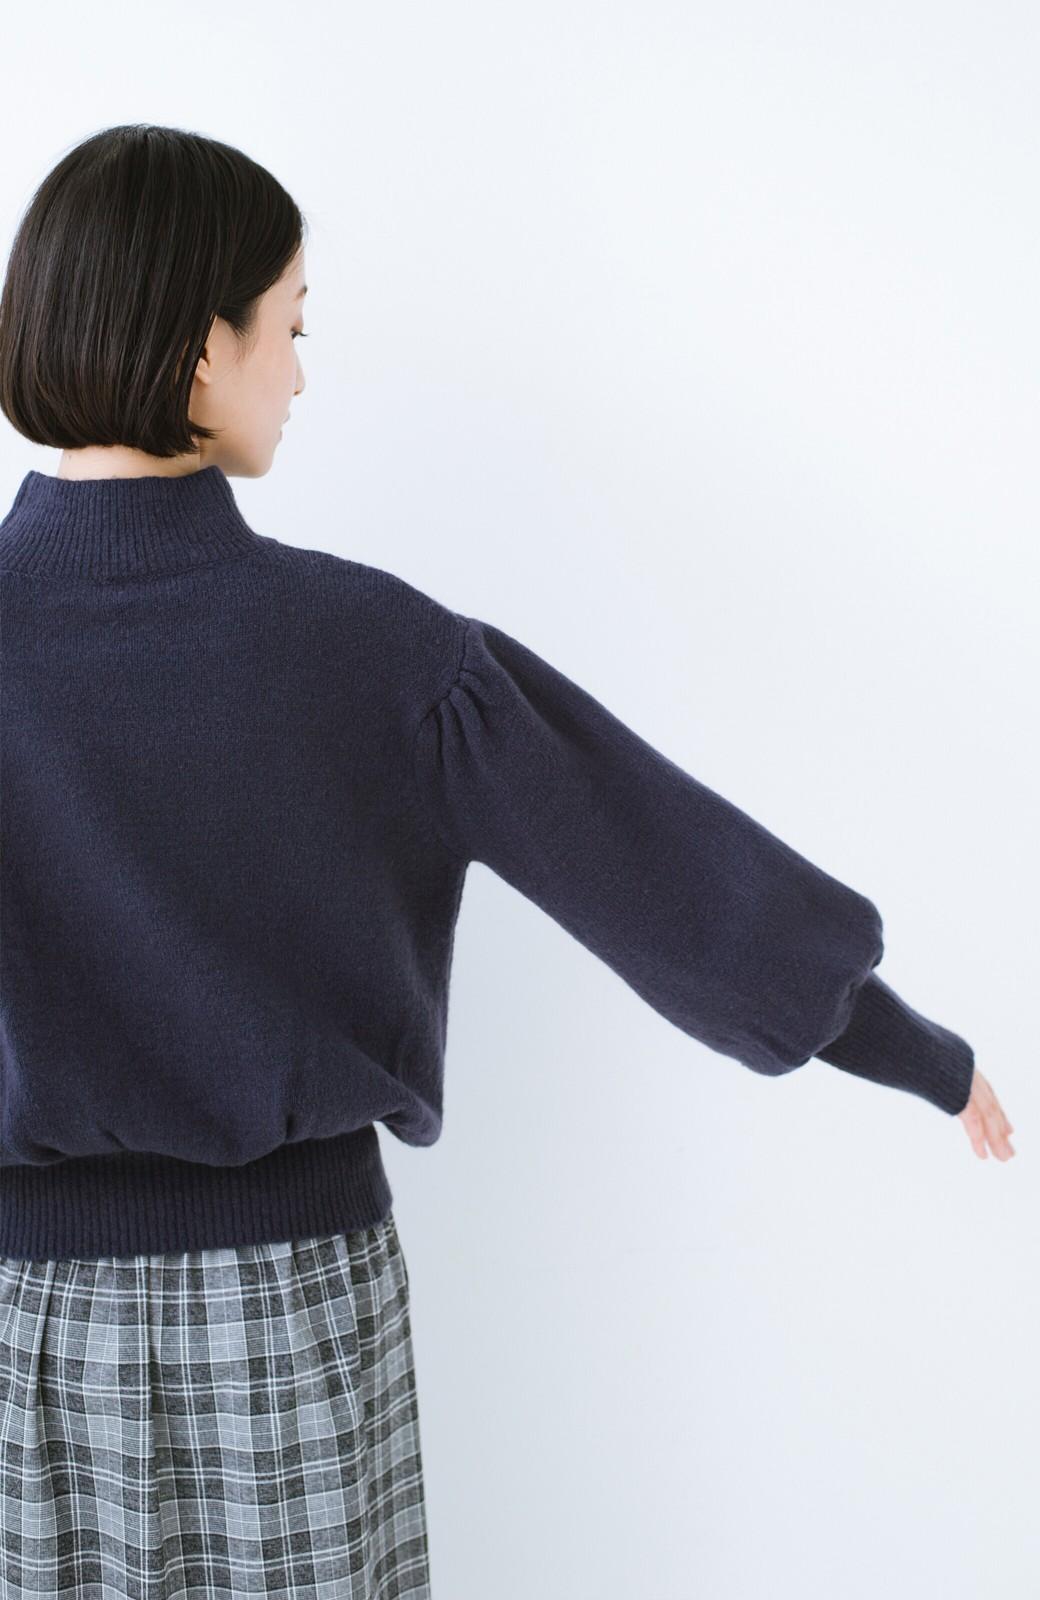 haco! 肌見せせずとも華奢見えできる ぷっくり袖のショートニット <ネイビー>の商品写真12